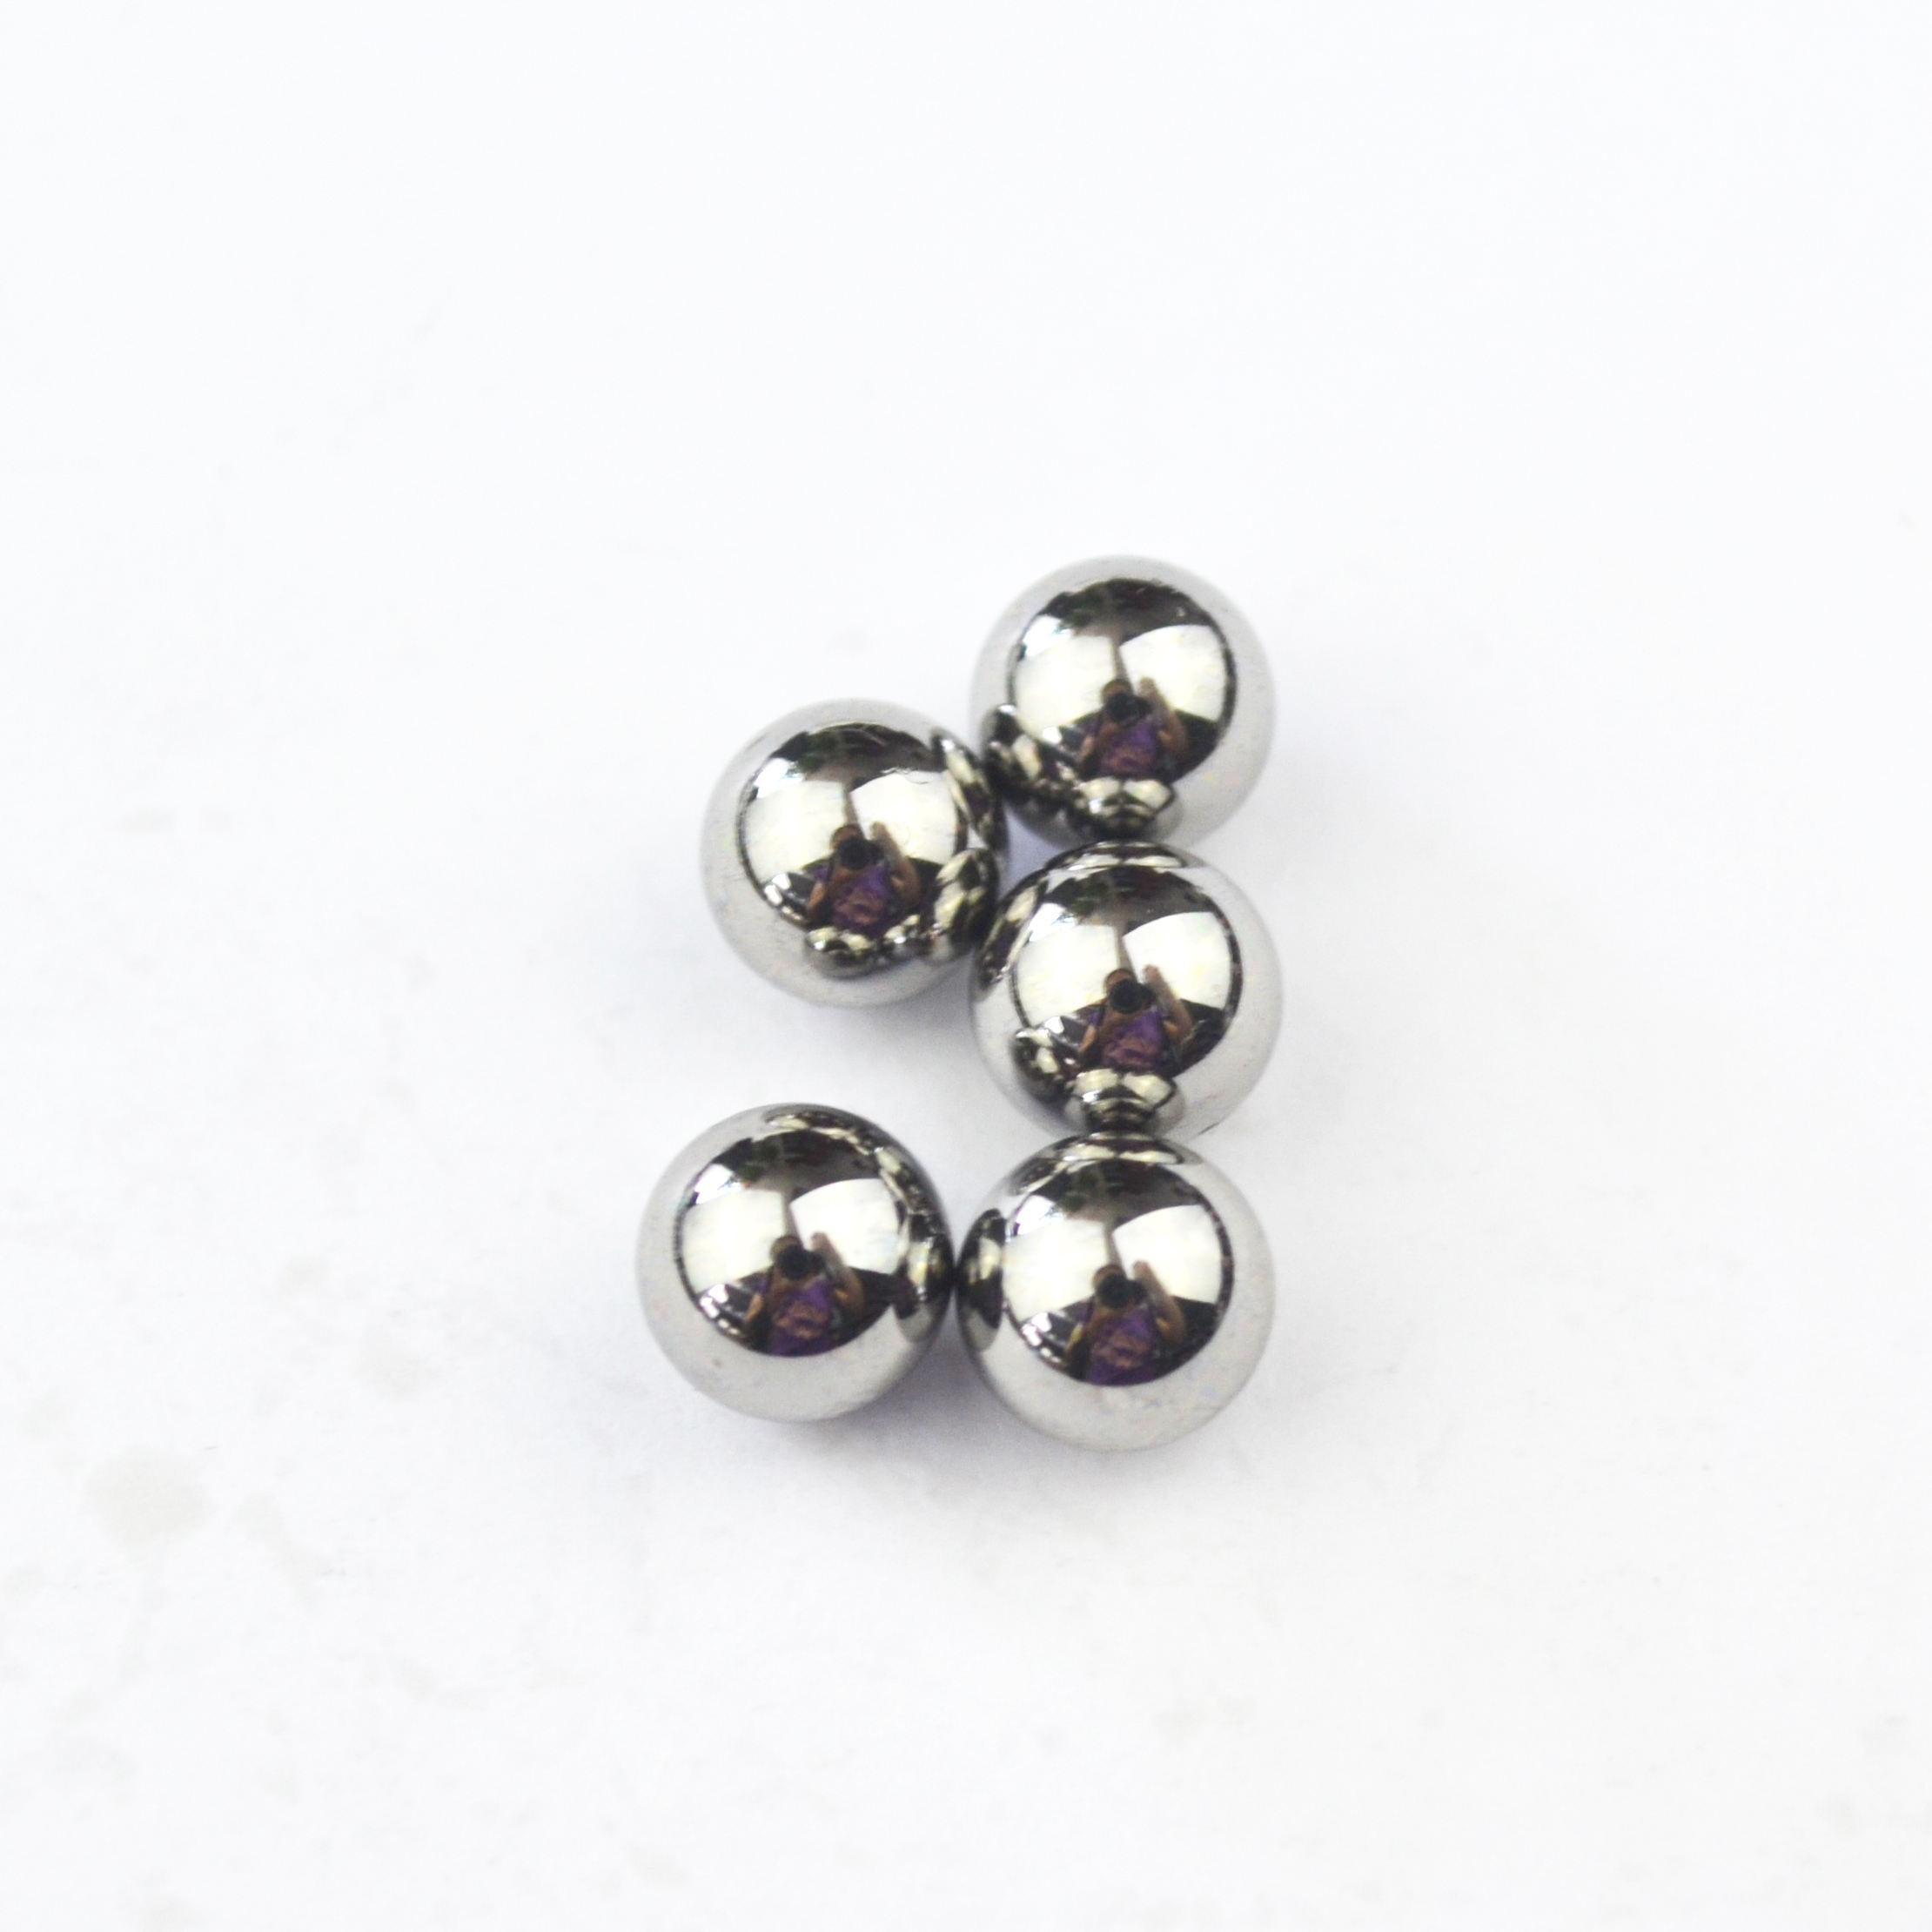 """1//2/"""" Bearing Balls 440C Stainless Steel G25 Precision Balls 25pcs"""